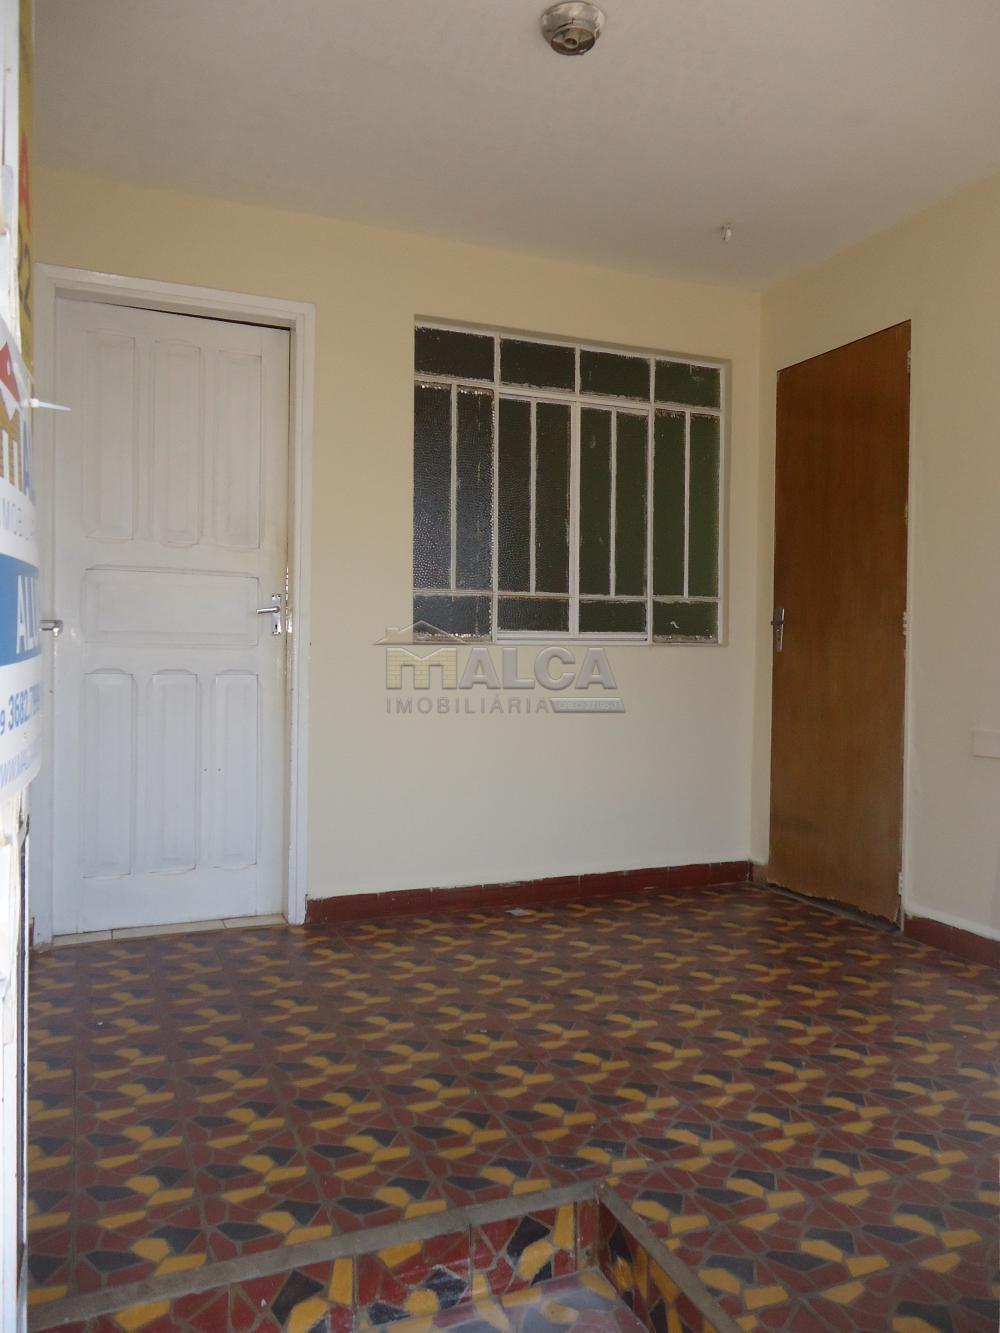 Alugar Casas / Padrão em São José do Rio Pardo apenas R$ 790,00 - Foto 4